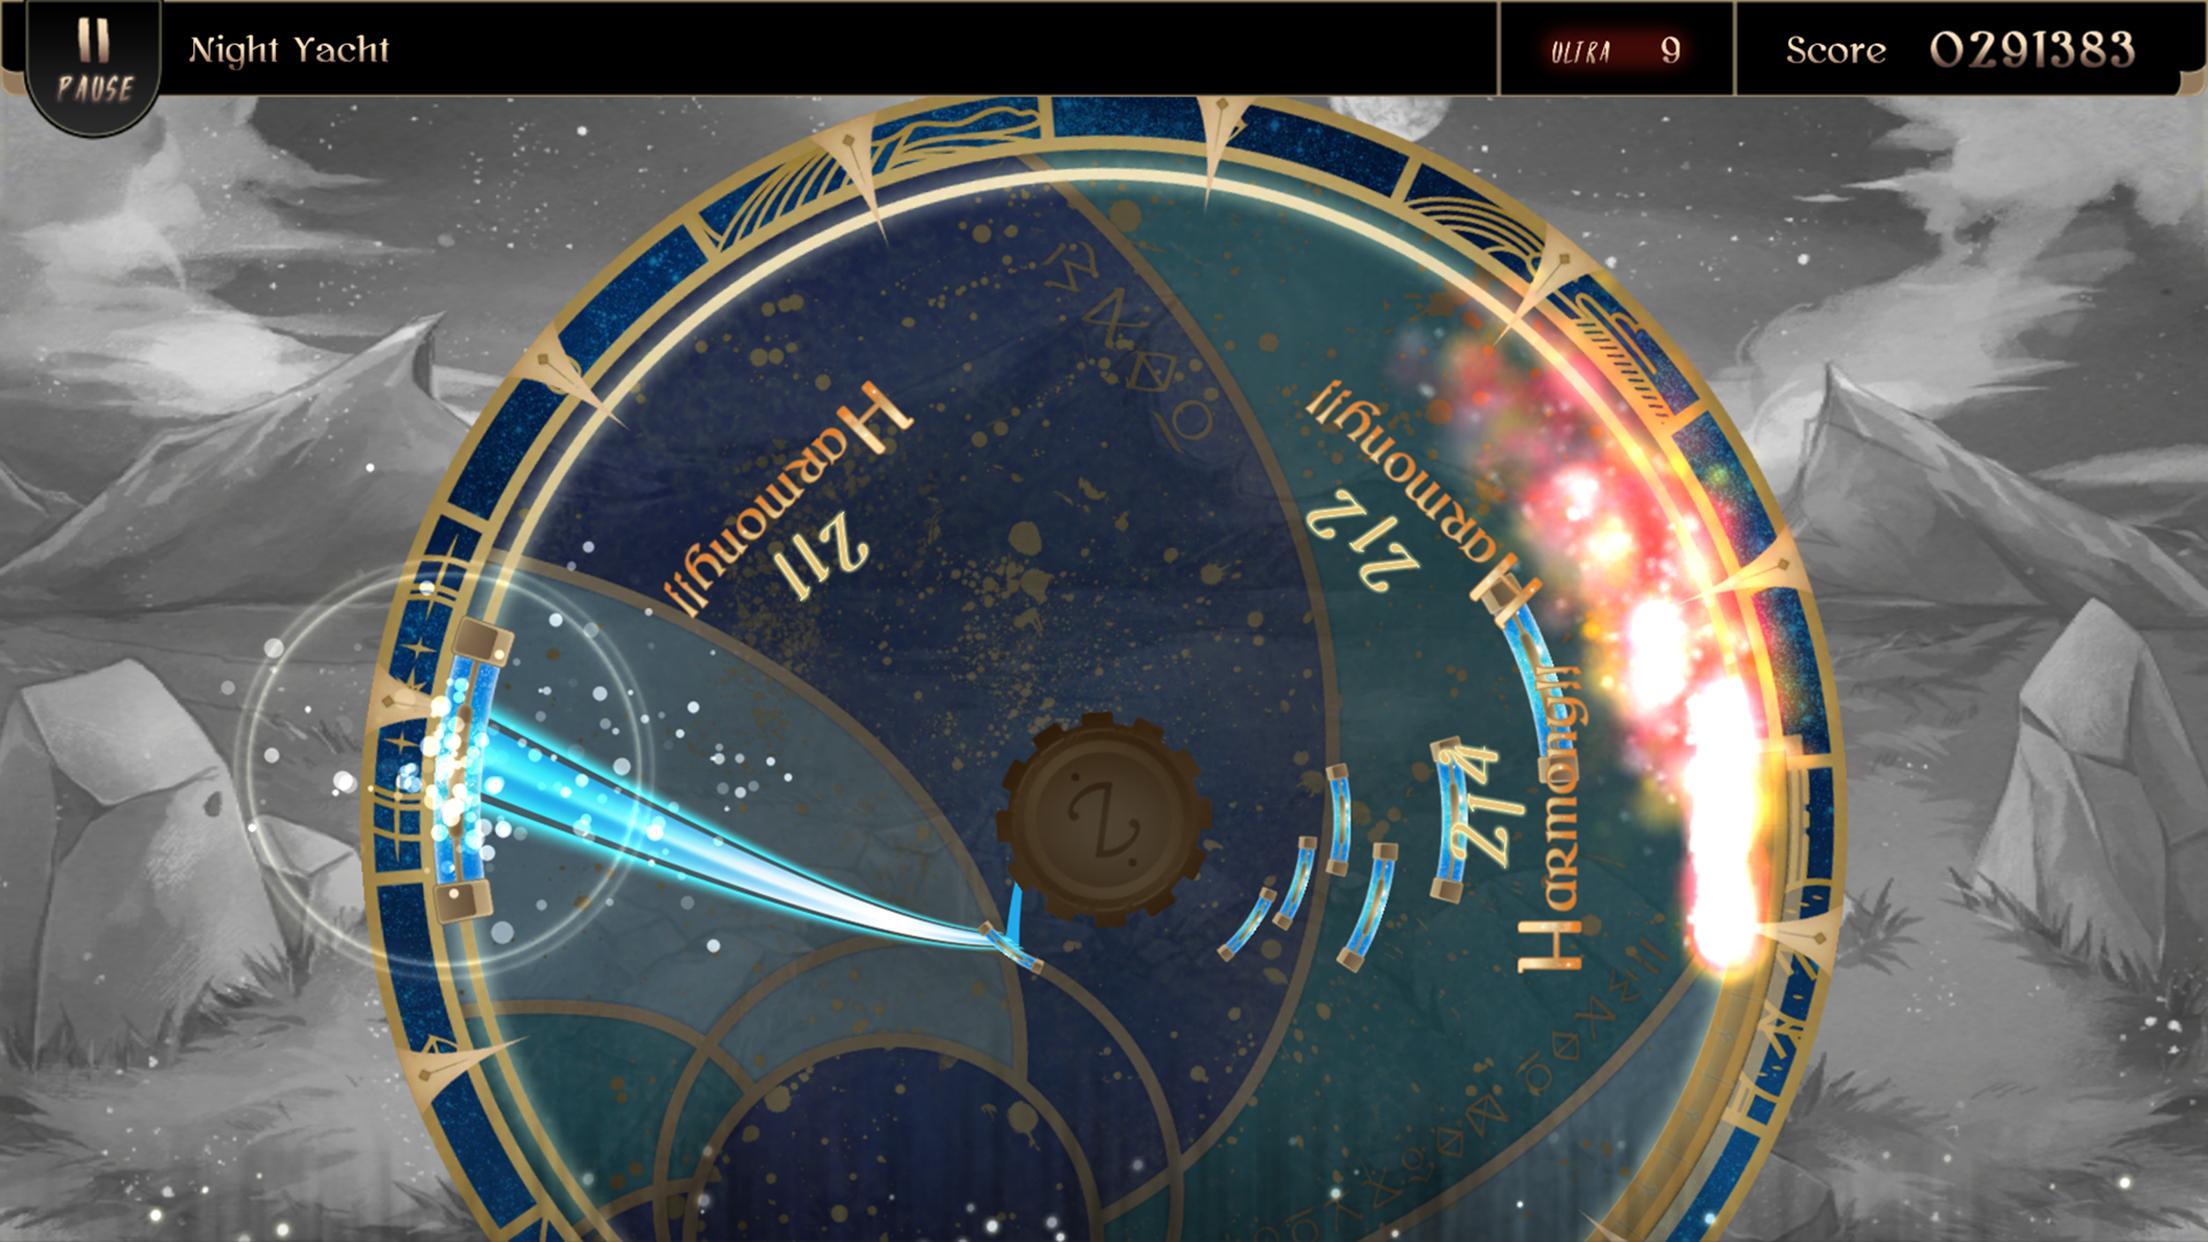 Lanota Dynamic & Challenging Music Game 2.5.3 Screenshot 8